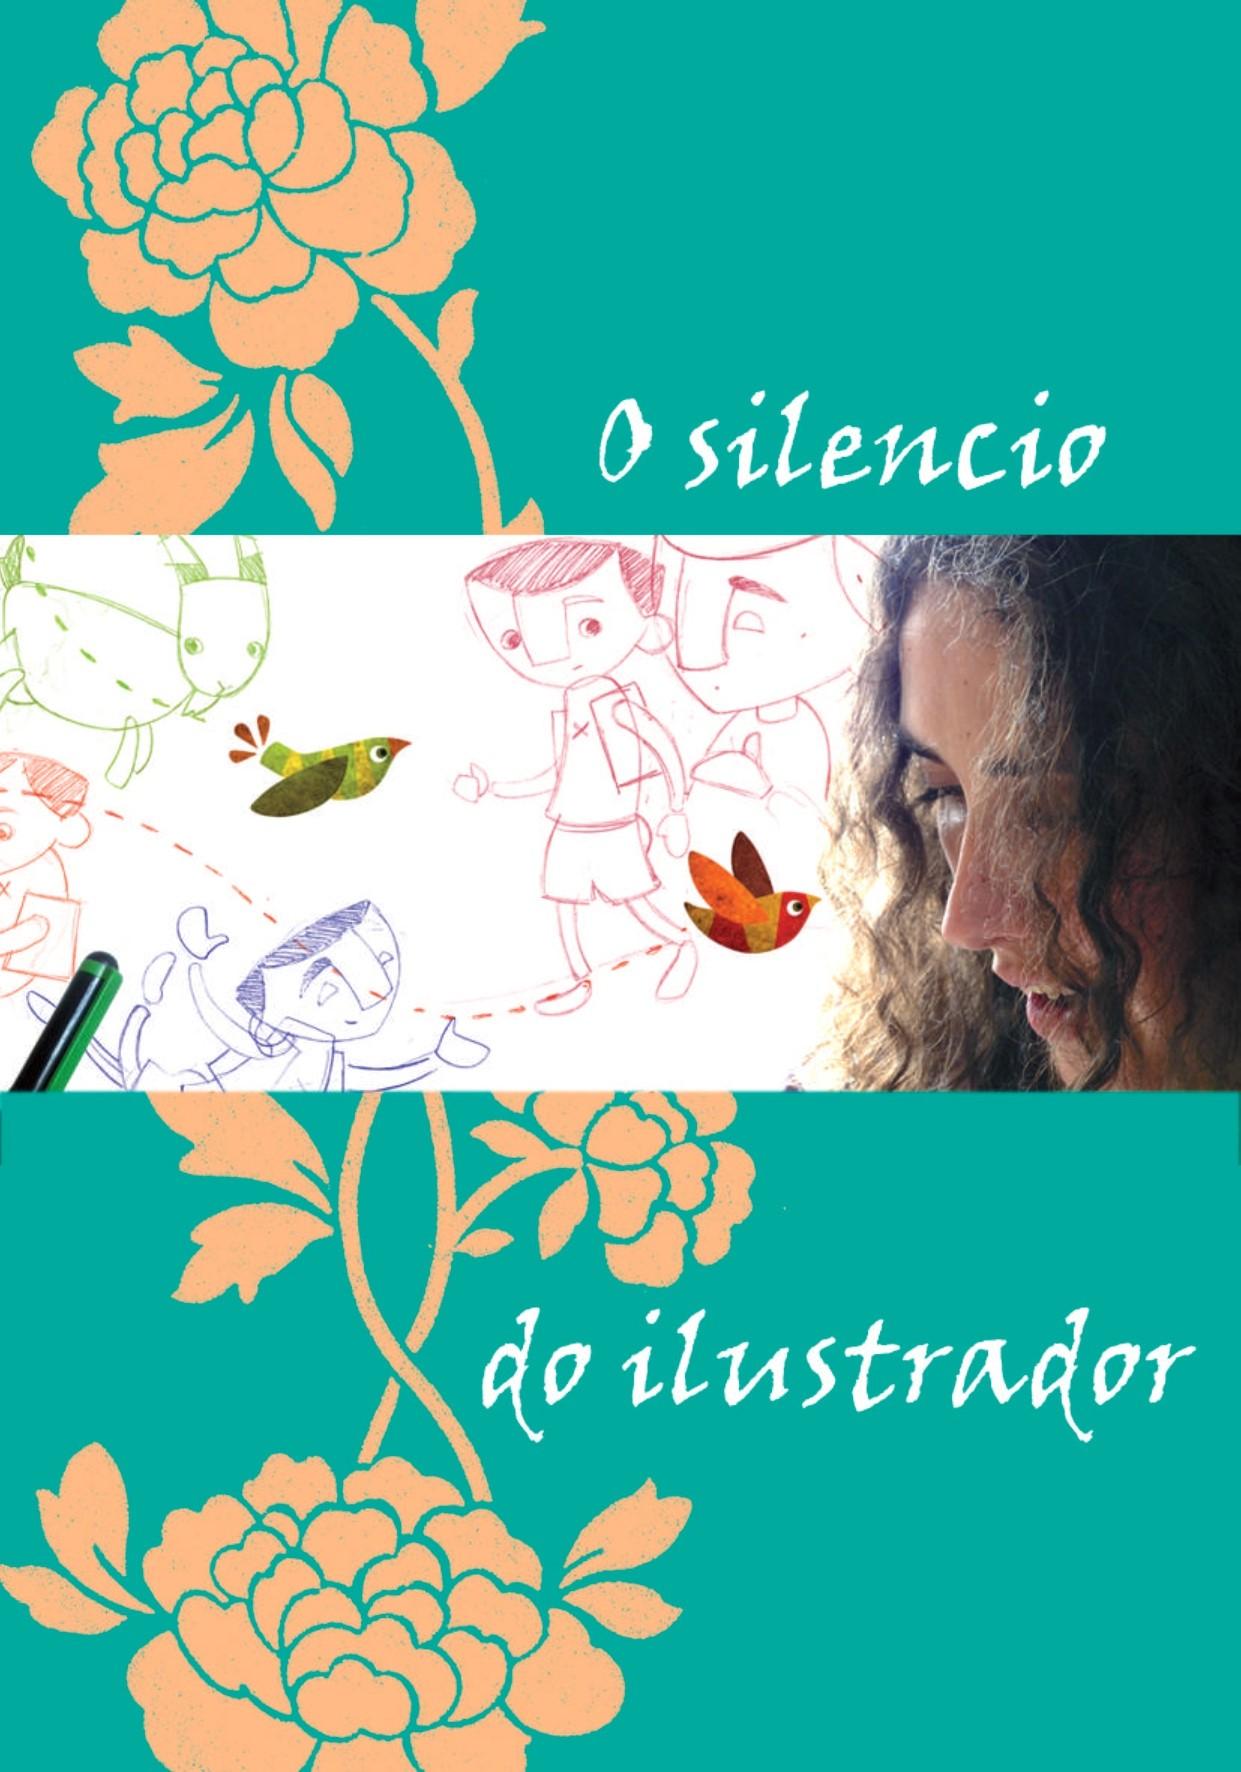 O silencio do ilustrador